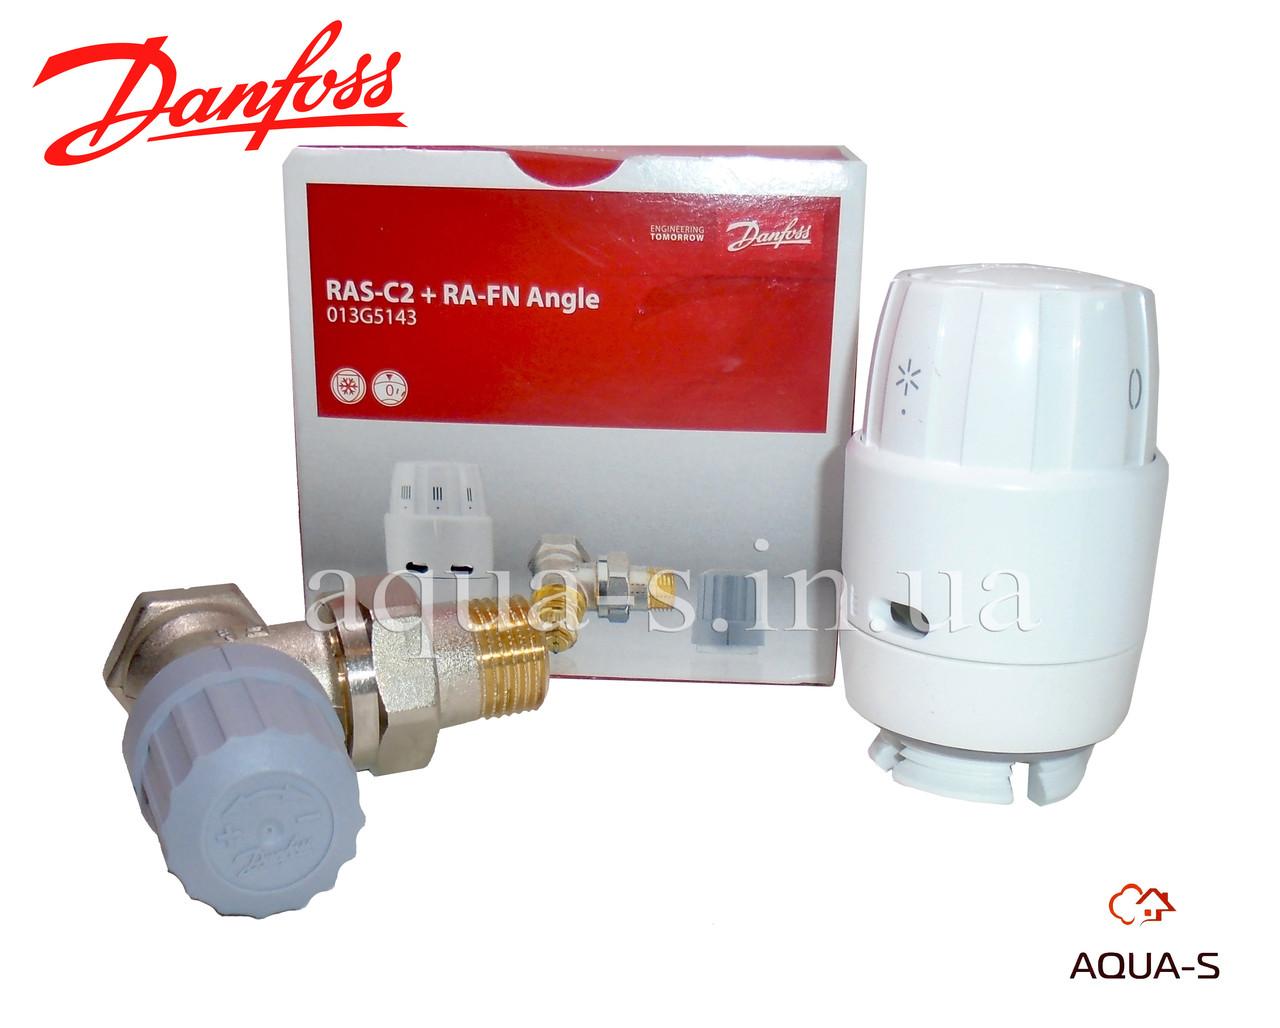 Клапан с термоголовкой Danfoss RAS-C2 1/2'' угловой для радиаторов (013G5143)